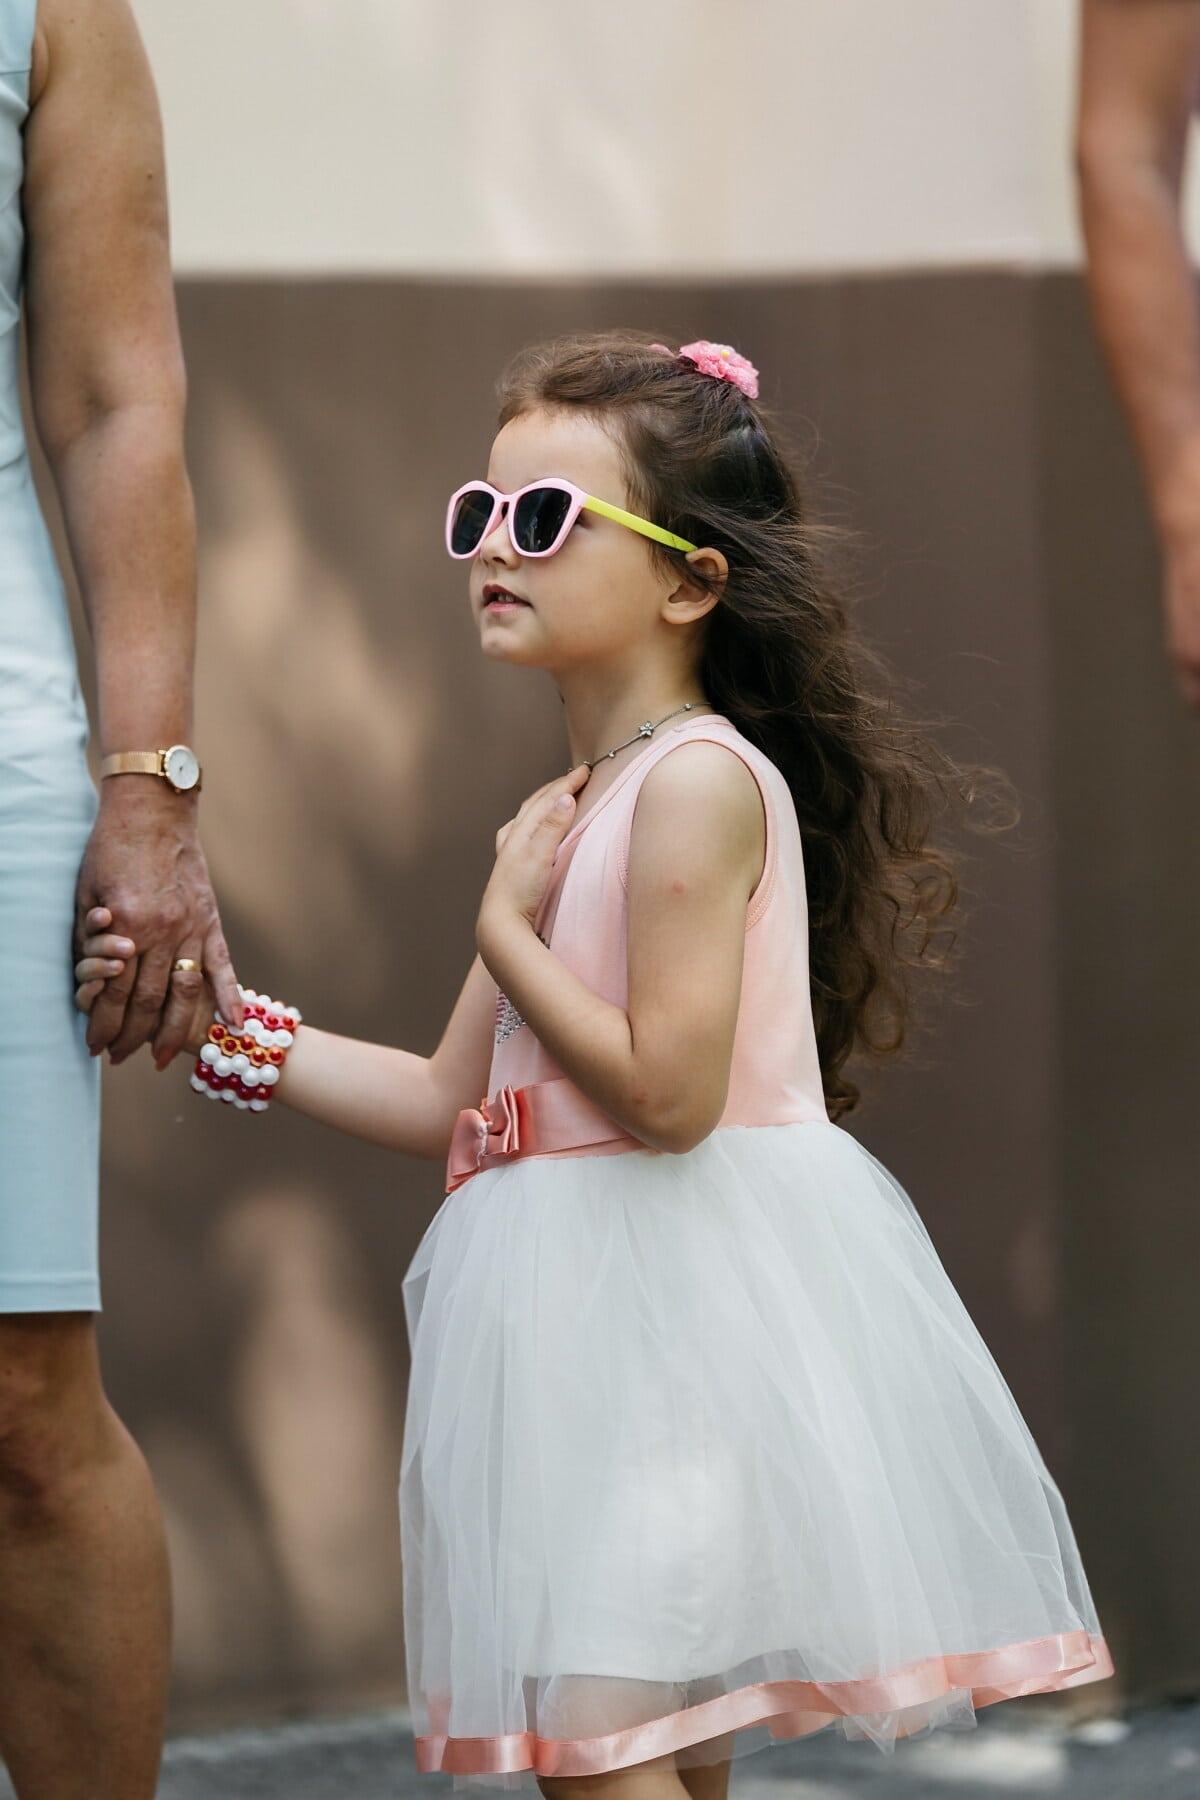 Mutter, Tochter, junge, Dame, Händchen halten, Kleid, Sonnenbrille, Rosa, Mode, untergeordnete